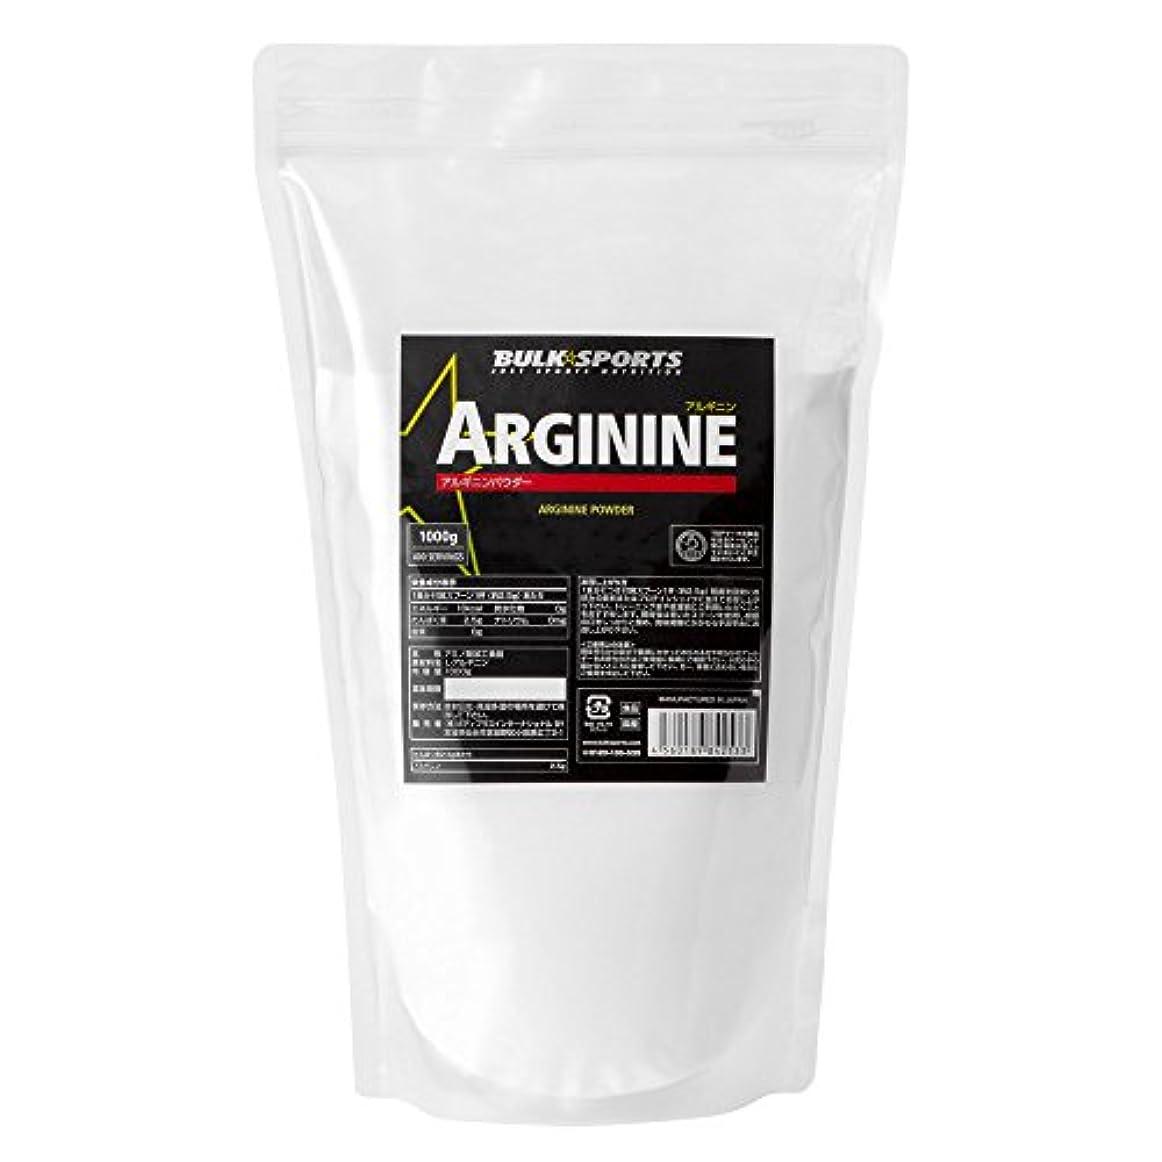 どっちでも炭水化物東部バルクスポーツ アルギニン 1kg